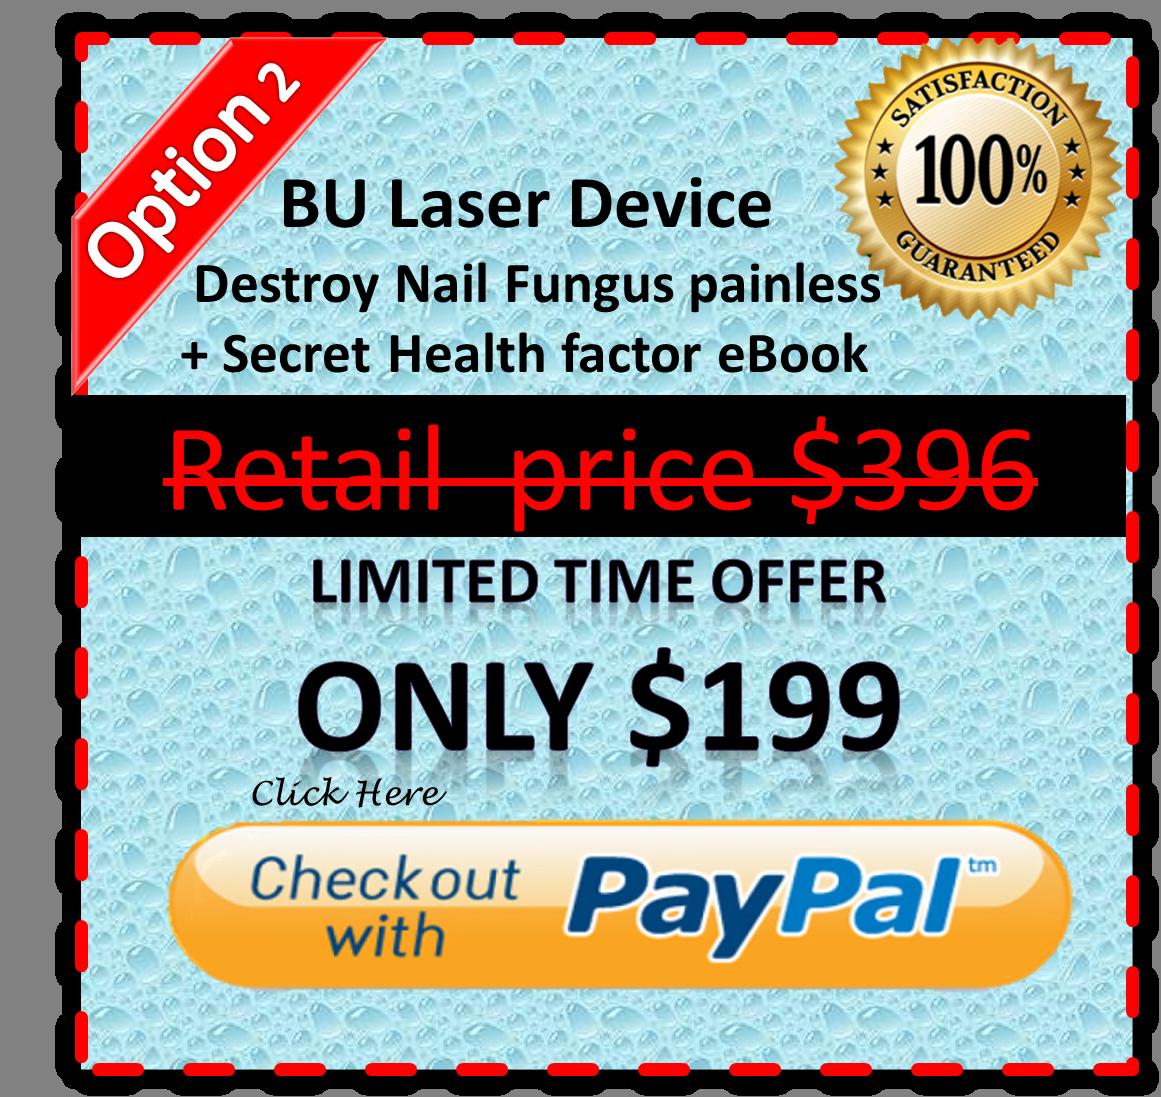 BU-tec laser+ ebook